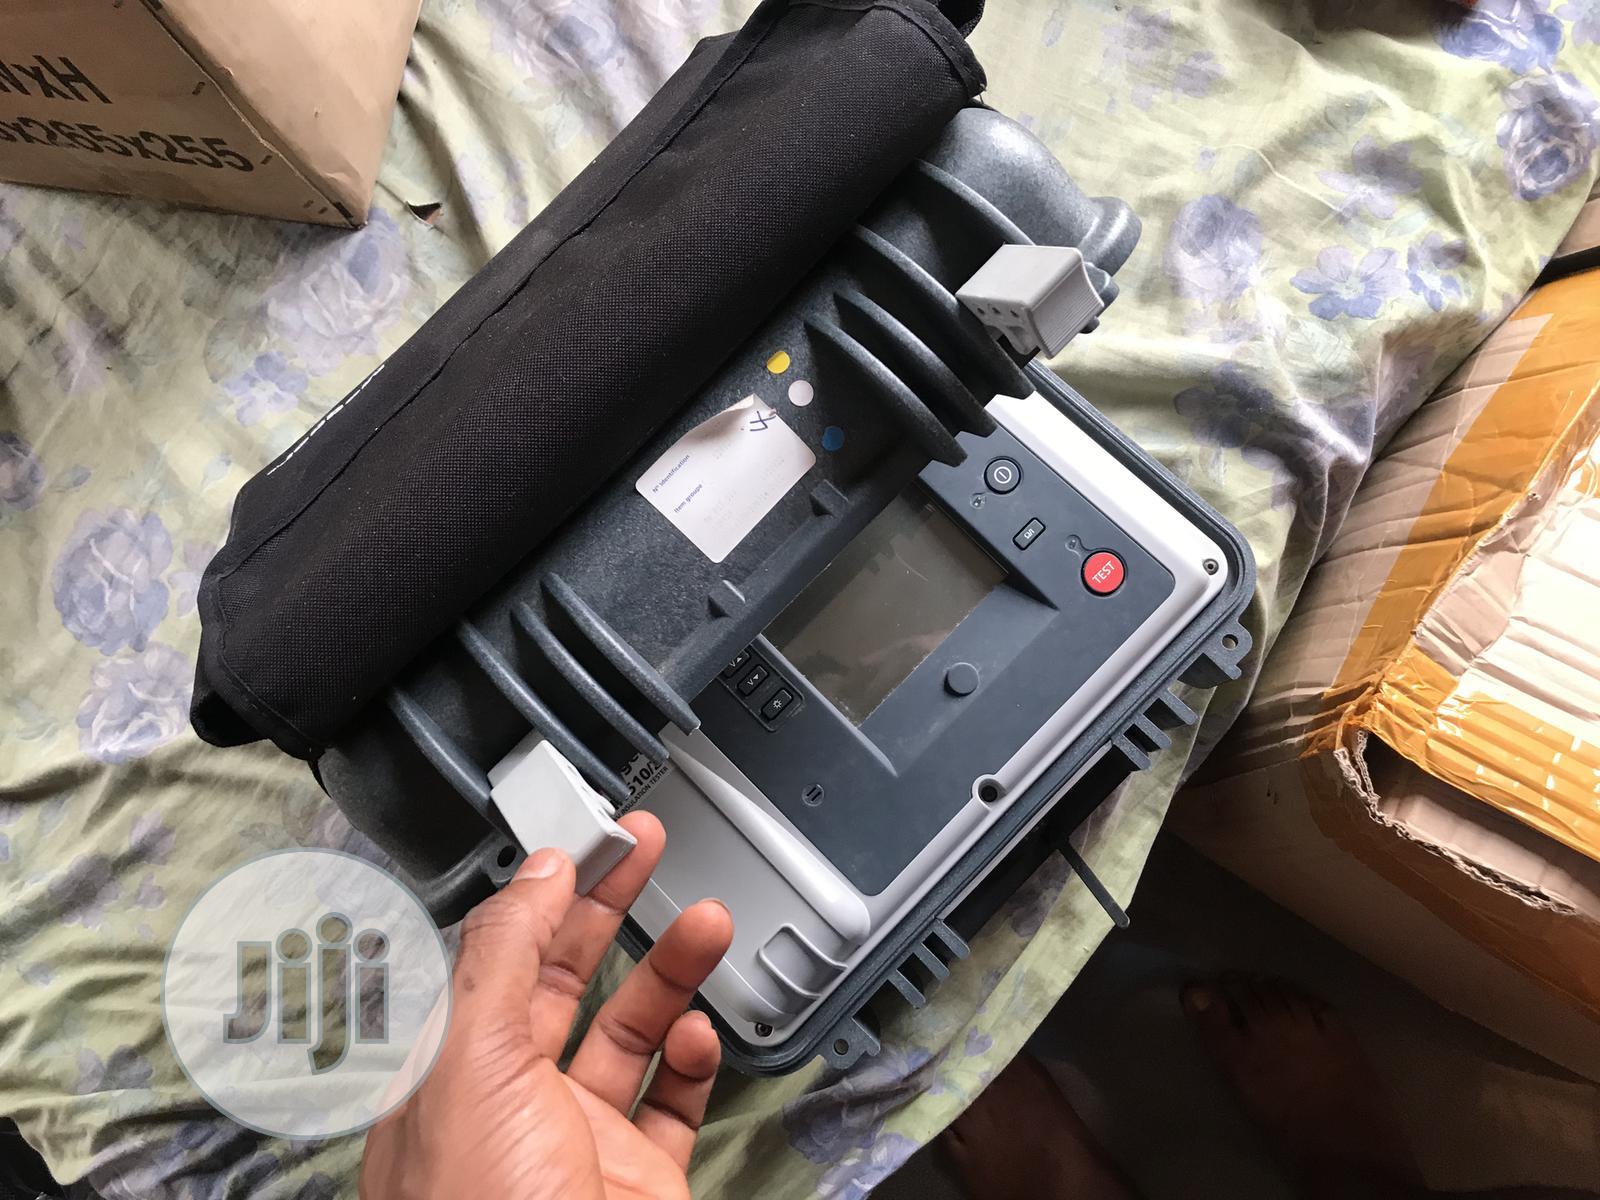 Megger 5kv Insulation Tester